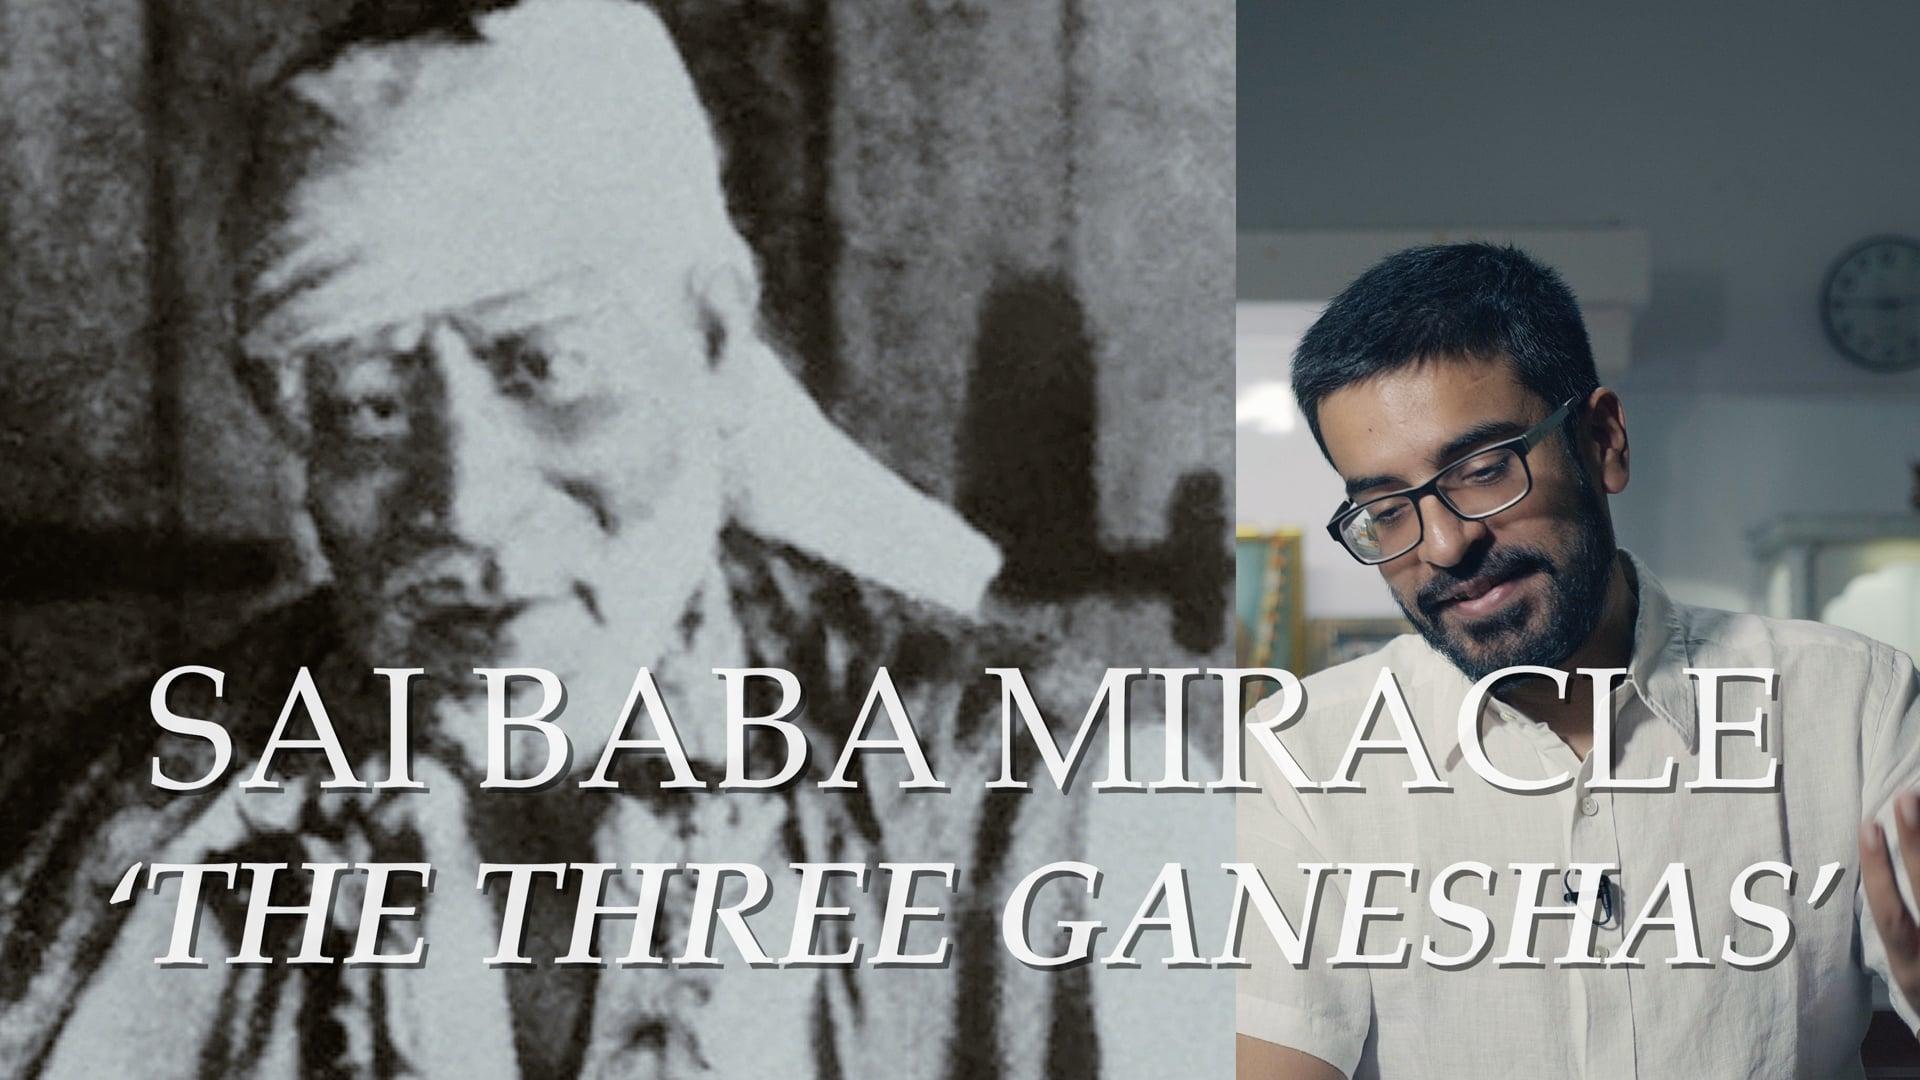 Shirdi Sai Baba Miracle - The Three Ganesha's